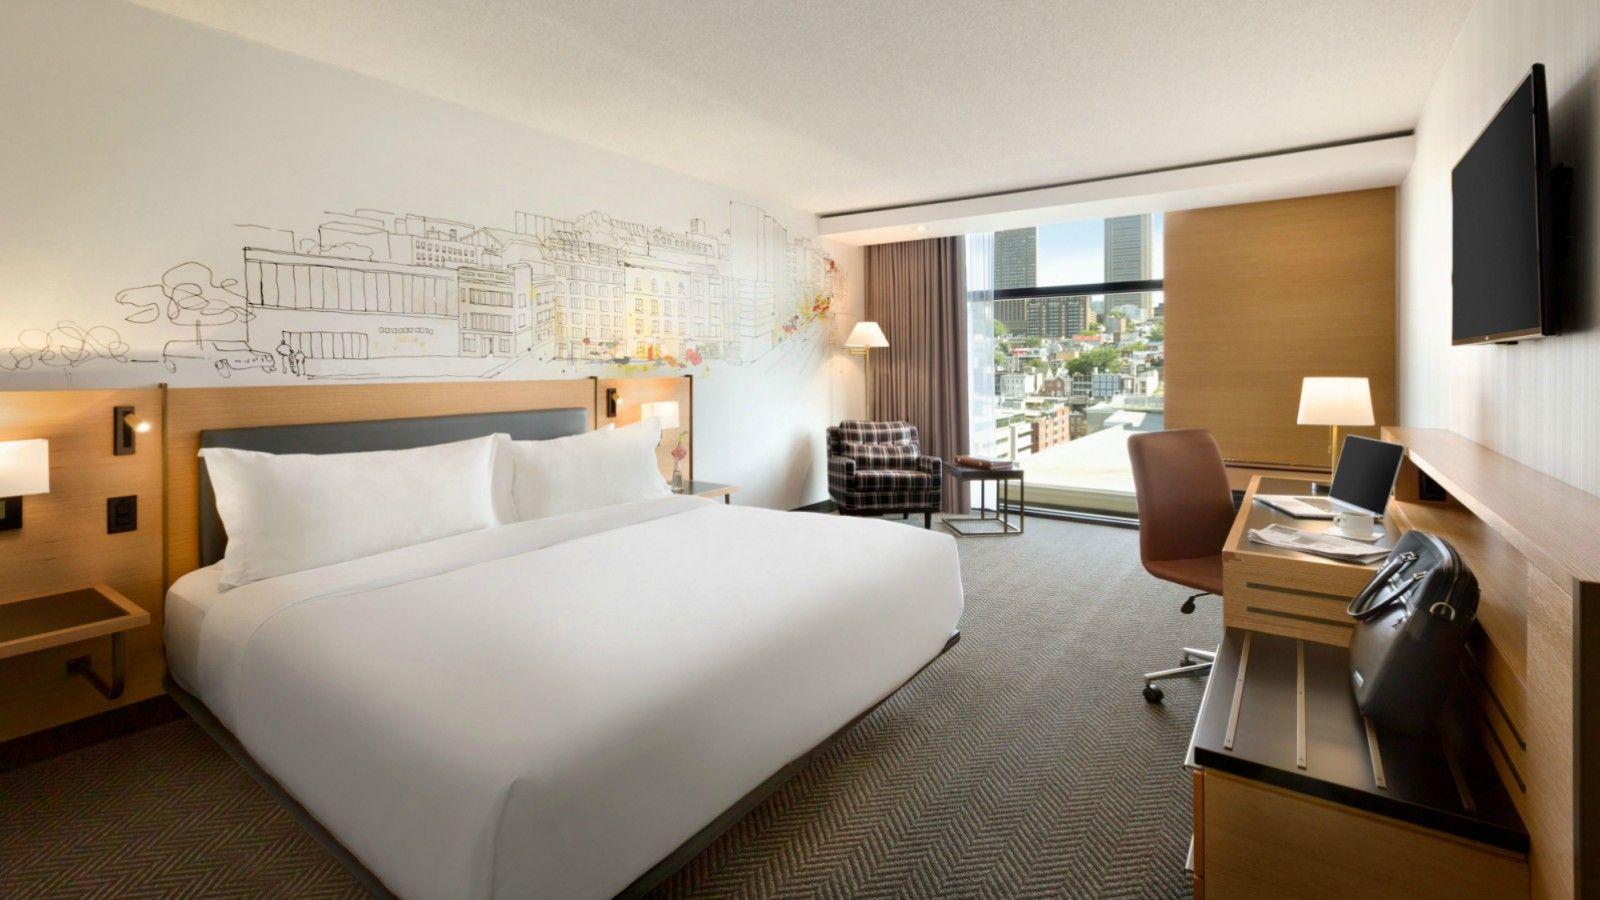 Séjour à l'hôtel : quels sont vos droits ? post thumbnail image